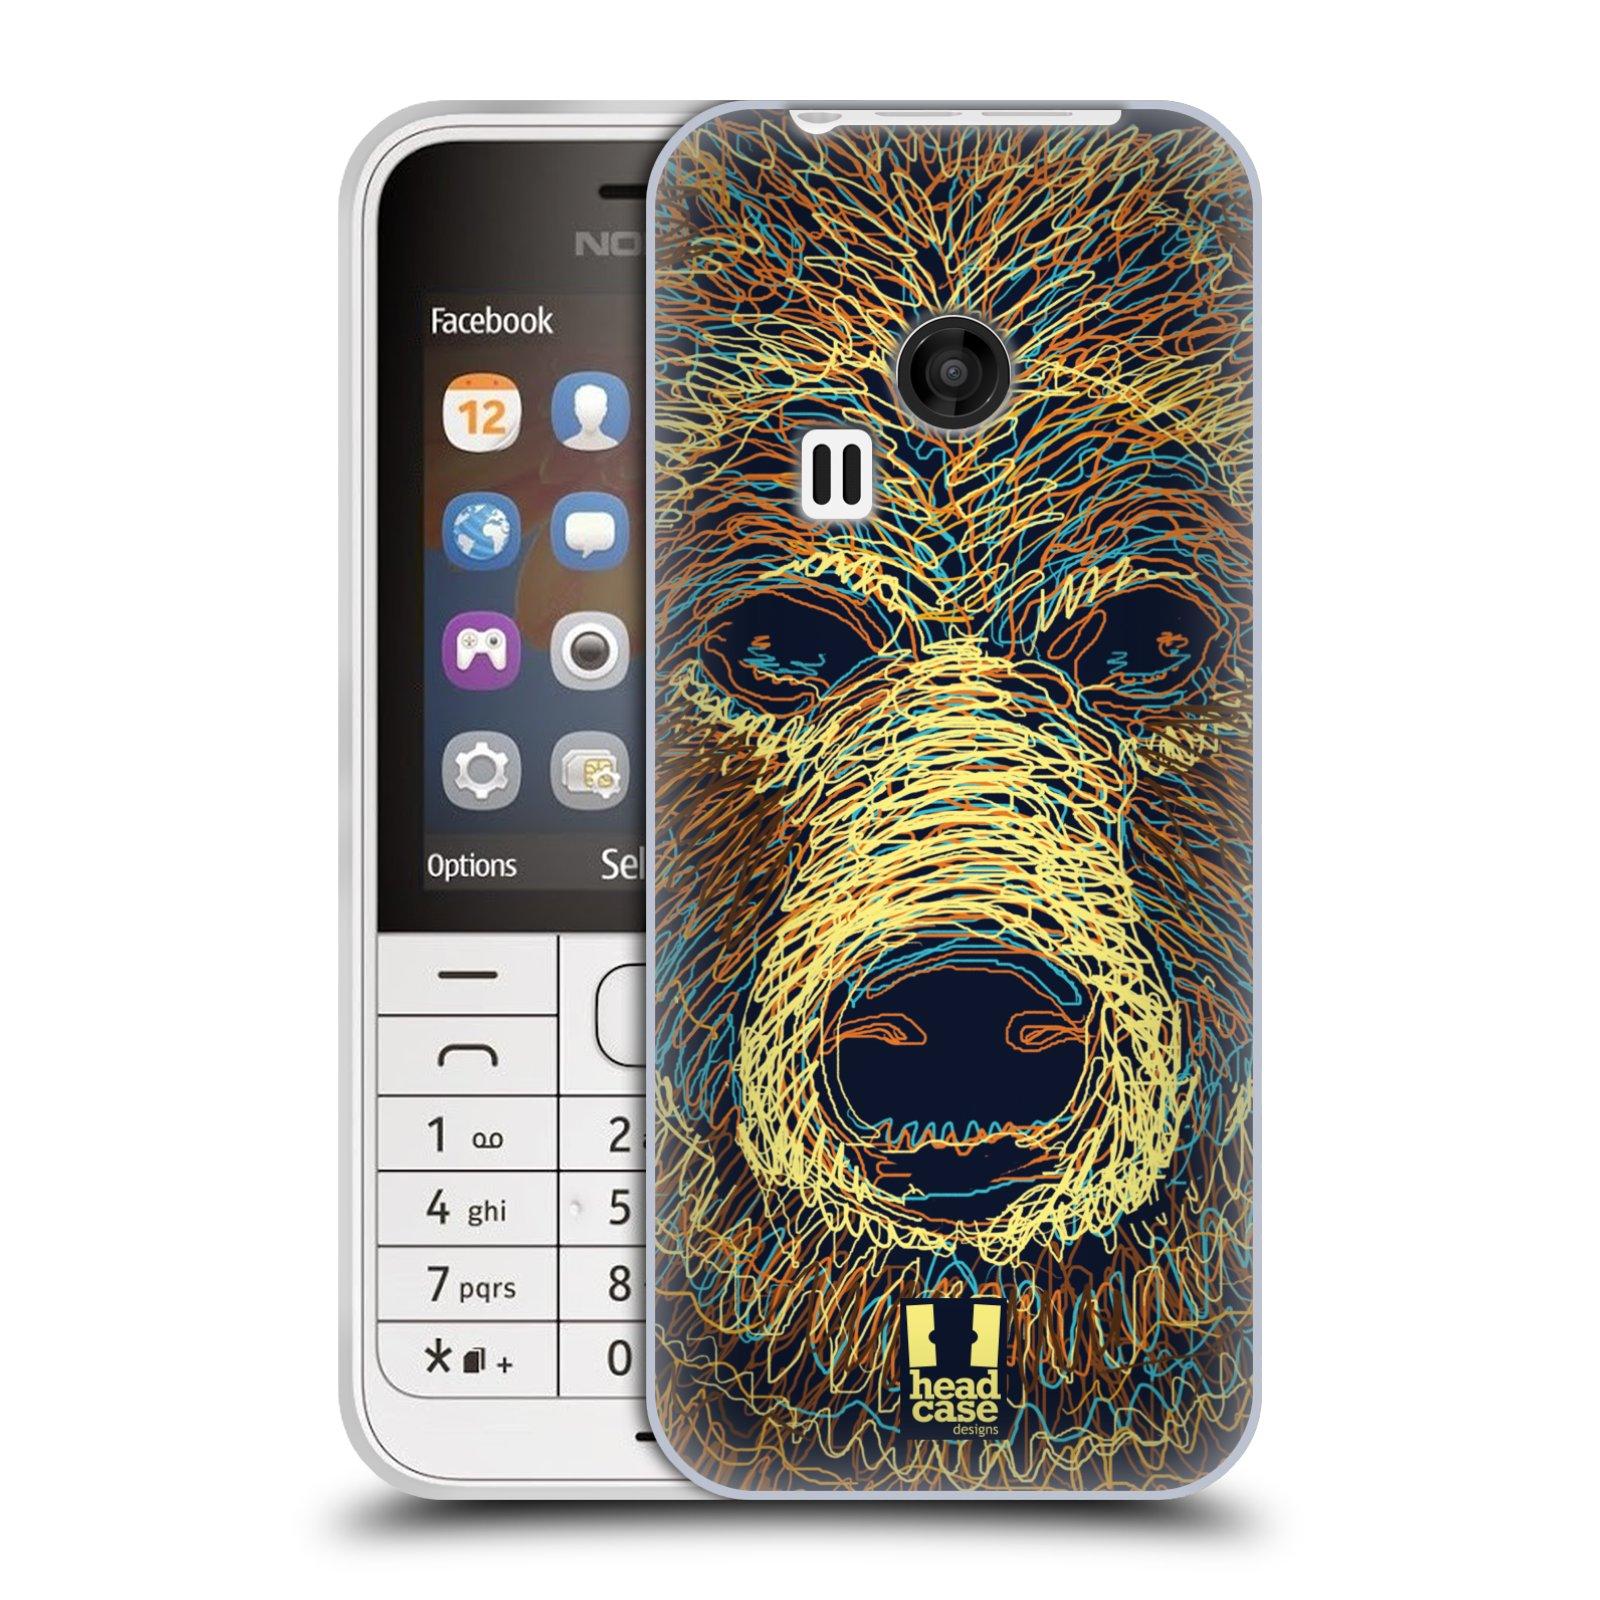 HEAD CASE silikonový obal na mobil NOKIA 220 / NOKIA 220 DUAL SIM vzor zvíře čmáranice medvěd